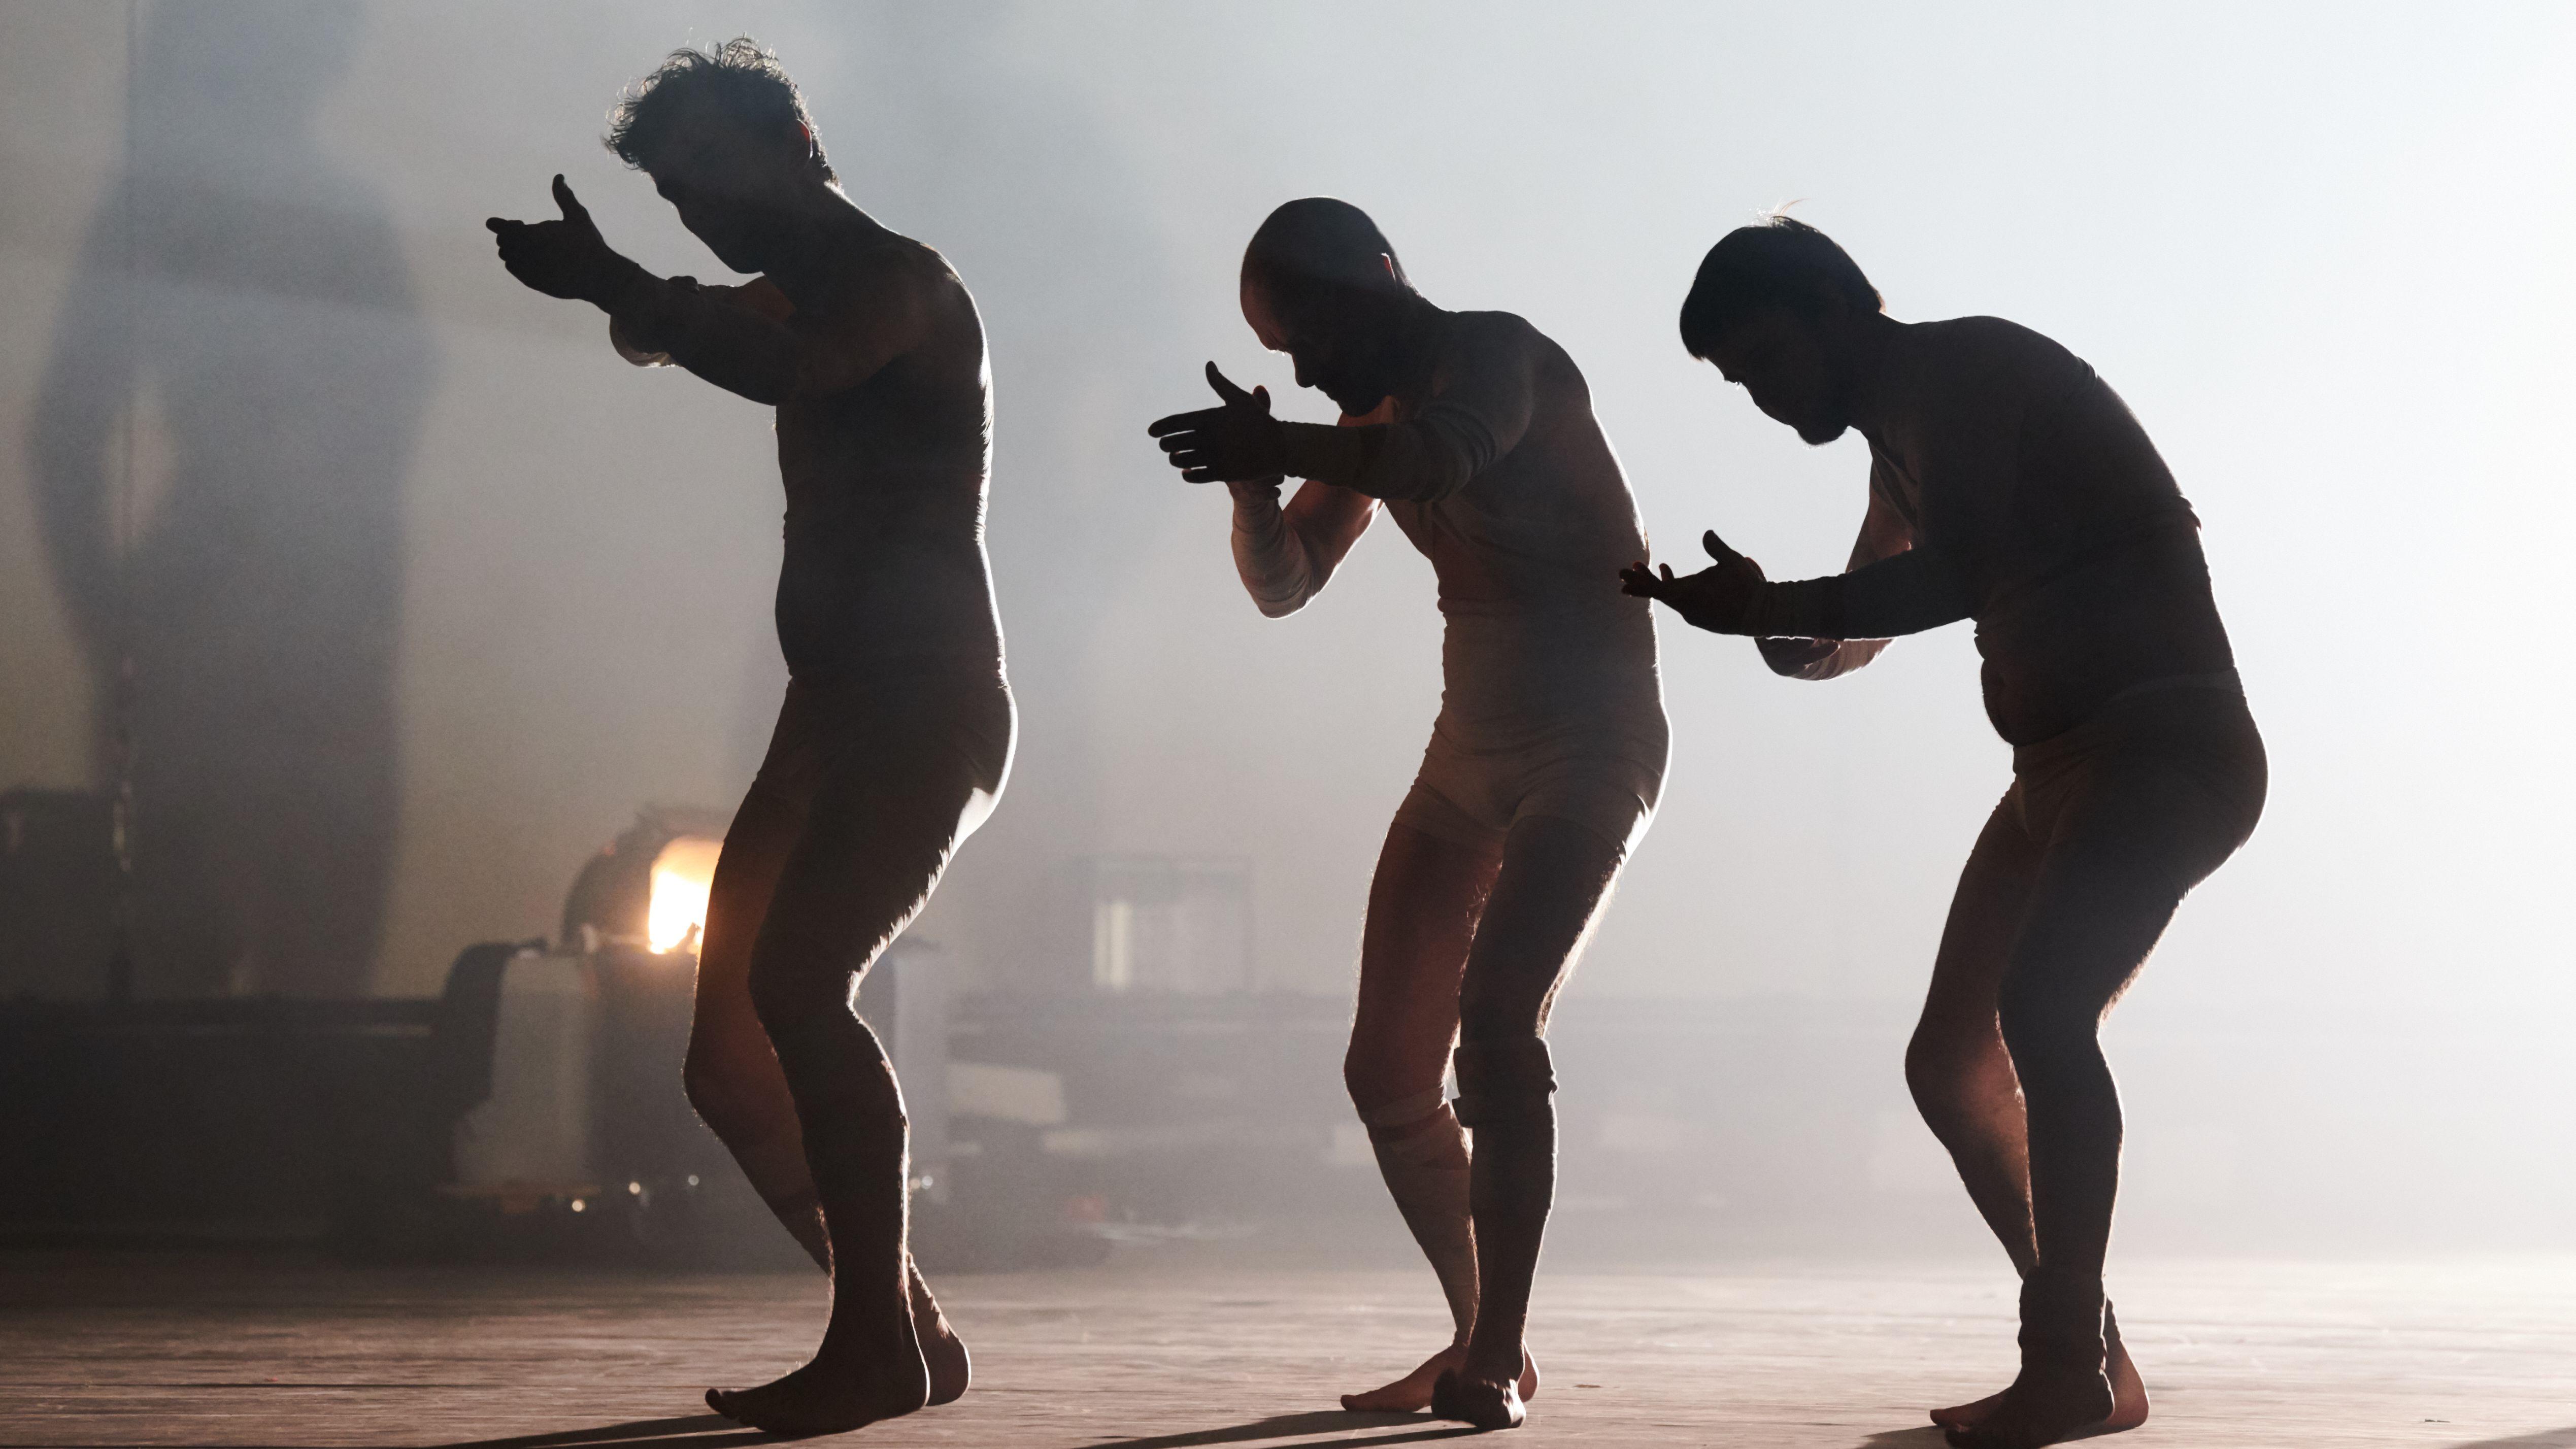 Auf der Bühne sind drei Schauspieler nur als schemenhafte Silhoutten zu erkennen.